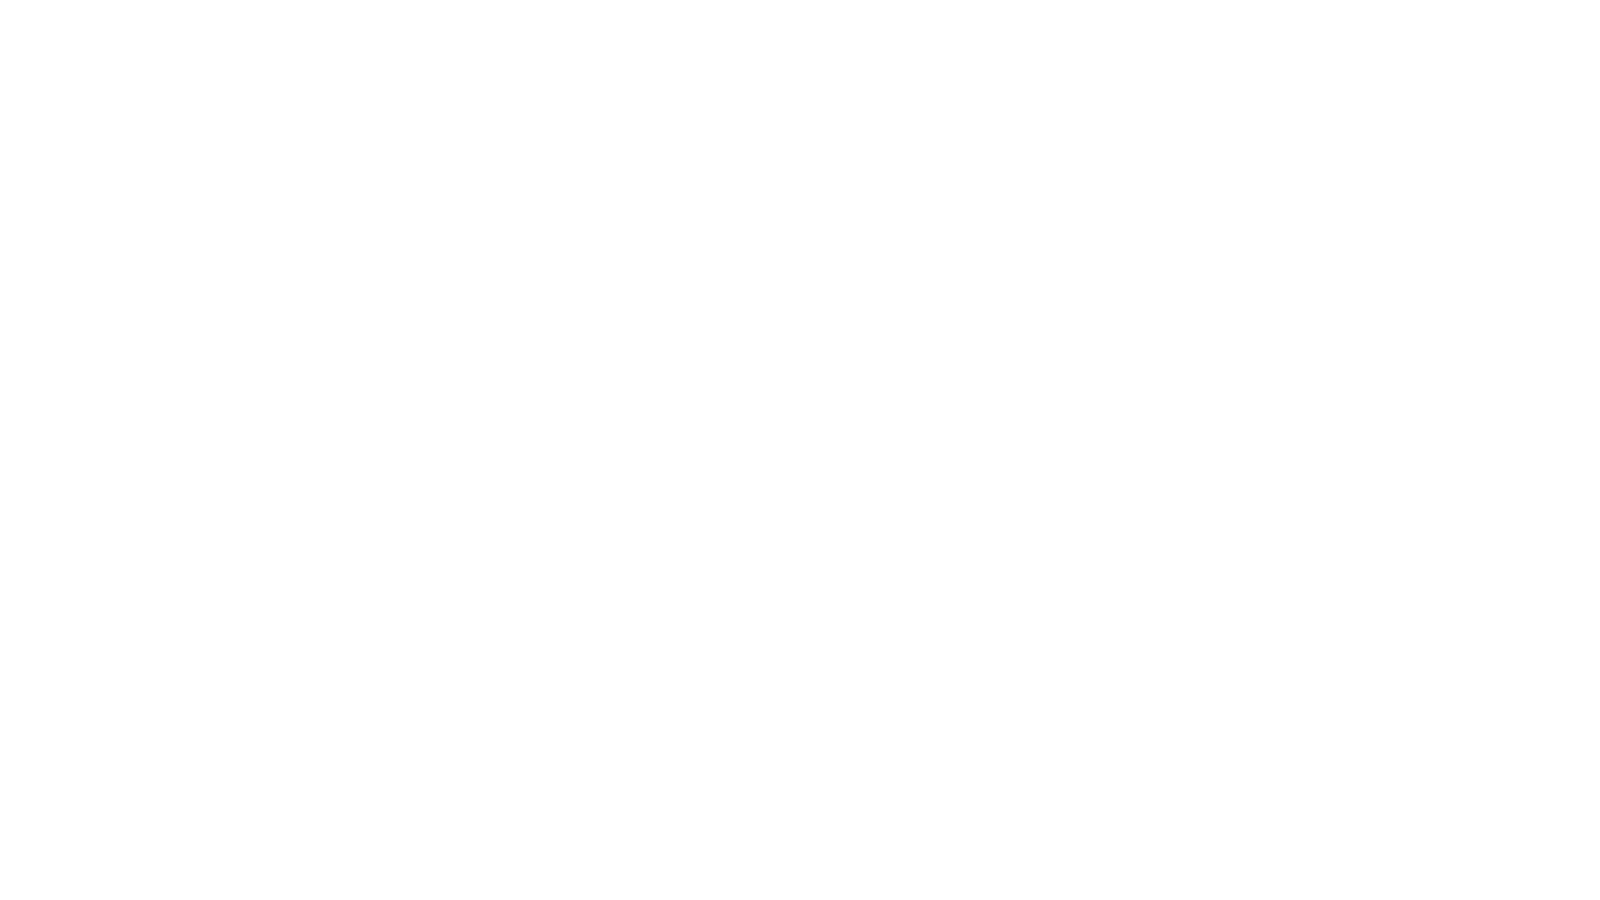 """Kišni tjedan završavamo jednom divnom, """"kišnom"""" slikovnicom i pričom autorice Ivane Guljašević Kuman.   Kako nastaje kiša? Saznat ćete to u ovoj divnoj priči i to od samoga majstora kiše - Kišnog!  Ovu prekrasnu slikovnicu napisala je i ilustrirala Ivana Guljašević Kuman, izdavač je Igubuka d.o.o., Zagreb, 2018."""